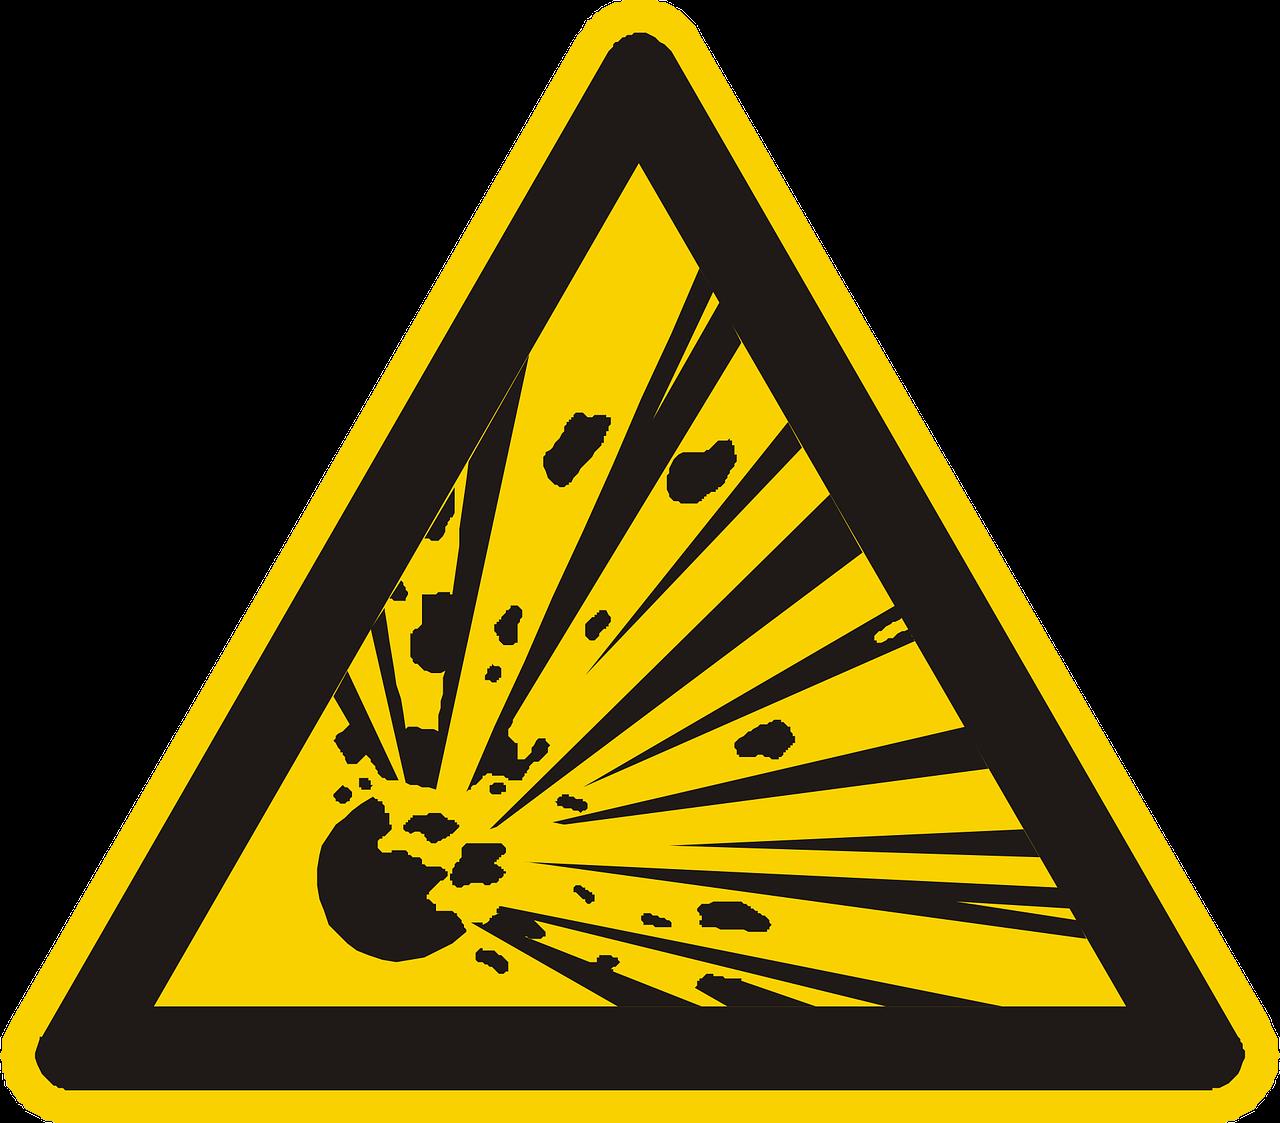 explosive-98646_1280